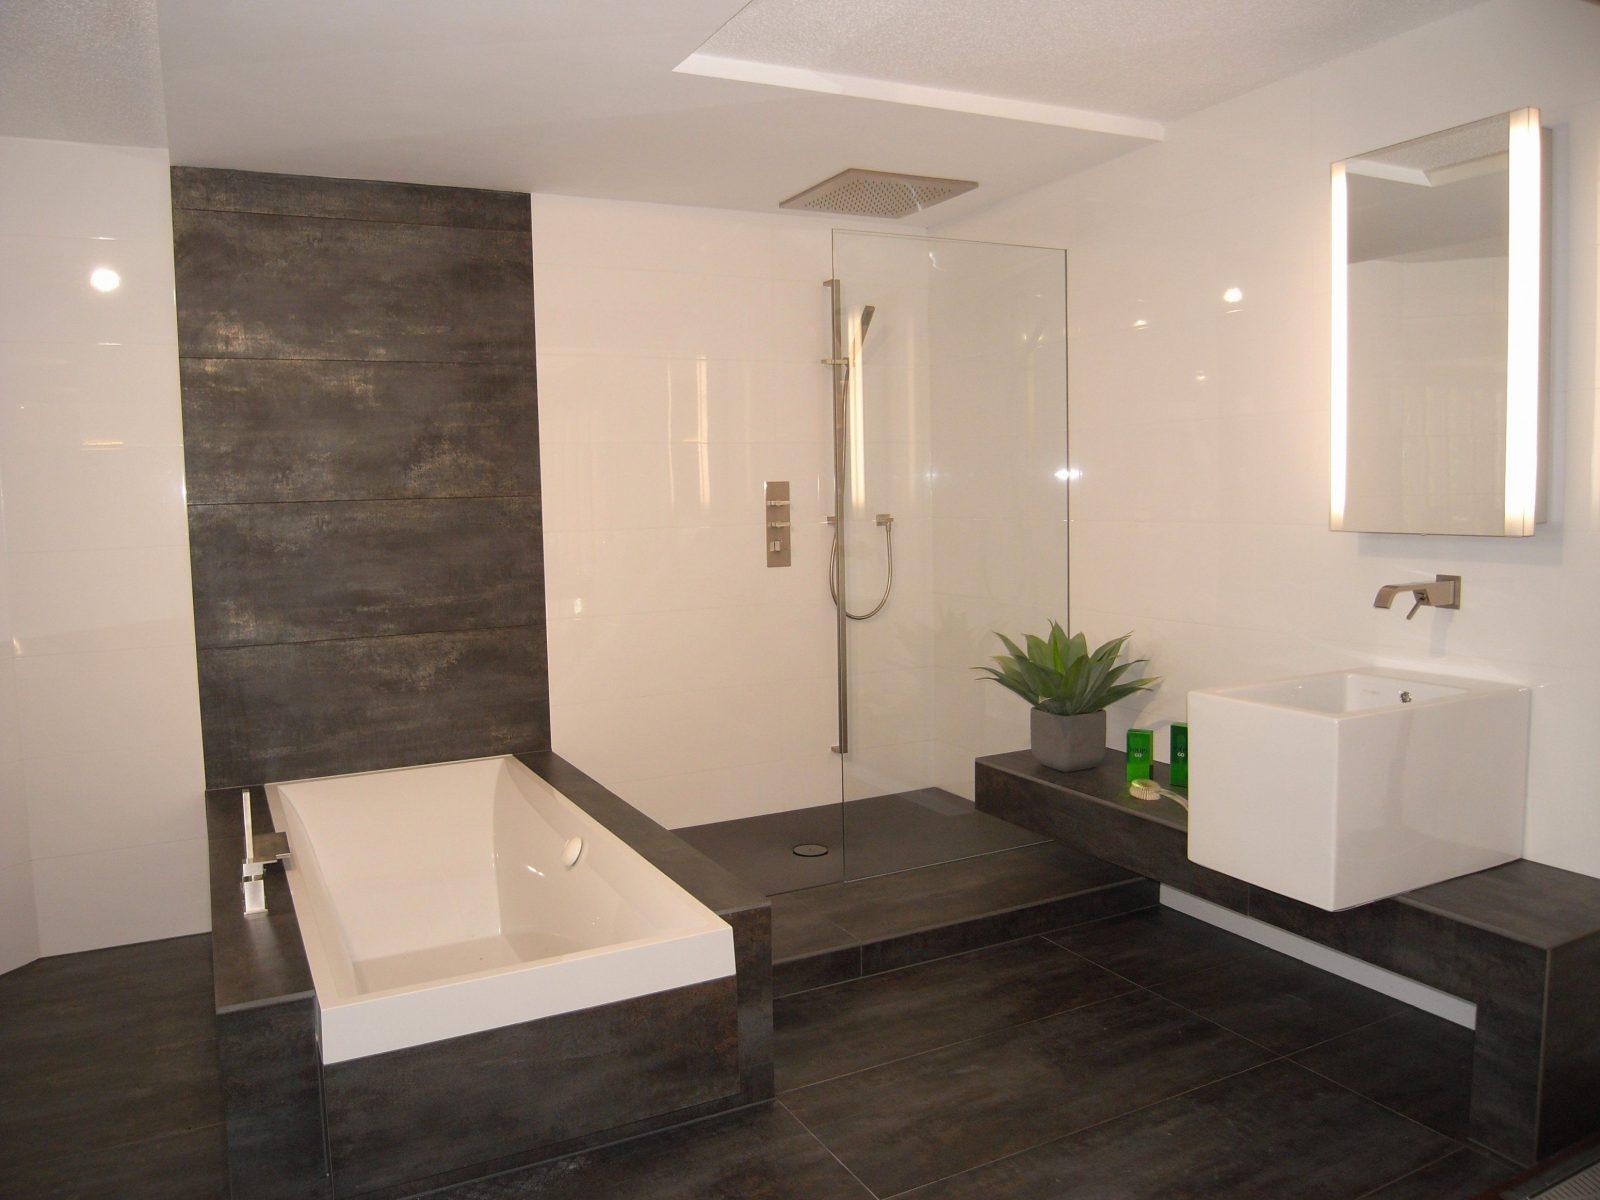 Exquisit Moderne Badezimmer Fliesen Beige Für Pleasant Bad Modern von Moderne Badezimmer Fliesen Beige Bild